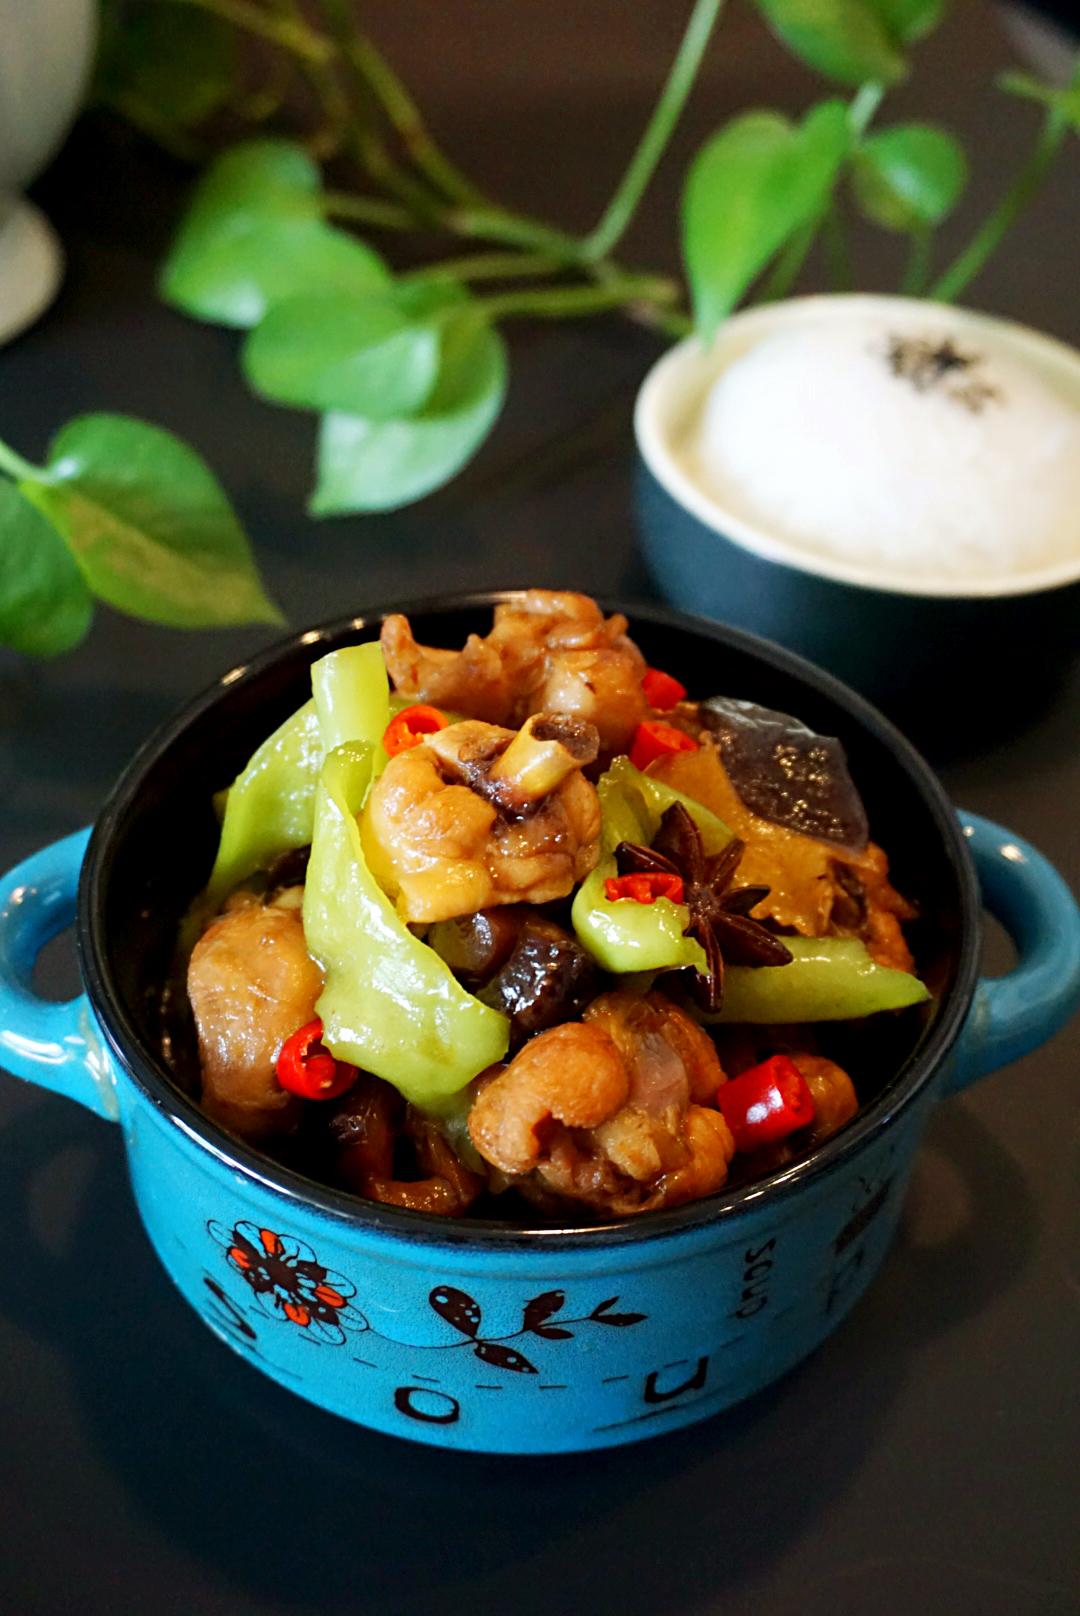 活鸡在锅里的图片_绝杀米饭的黄焖鸡,做的喷香的秘诀在这里 - 今日头条